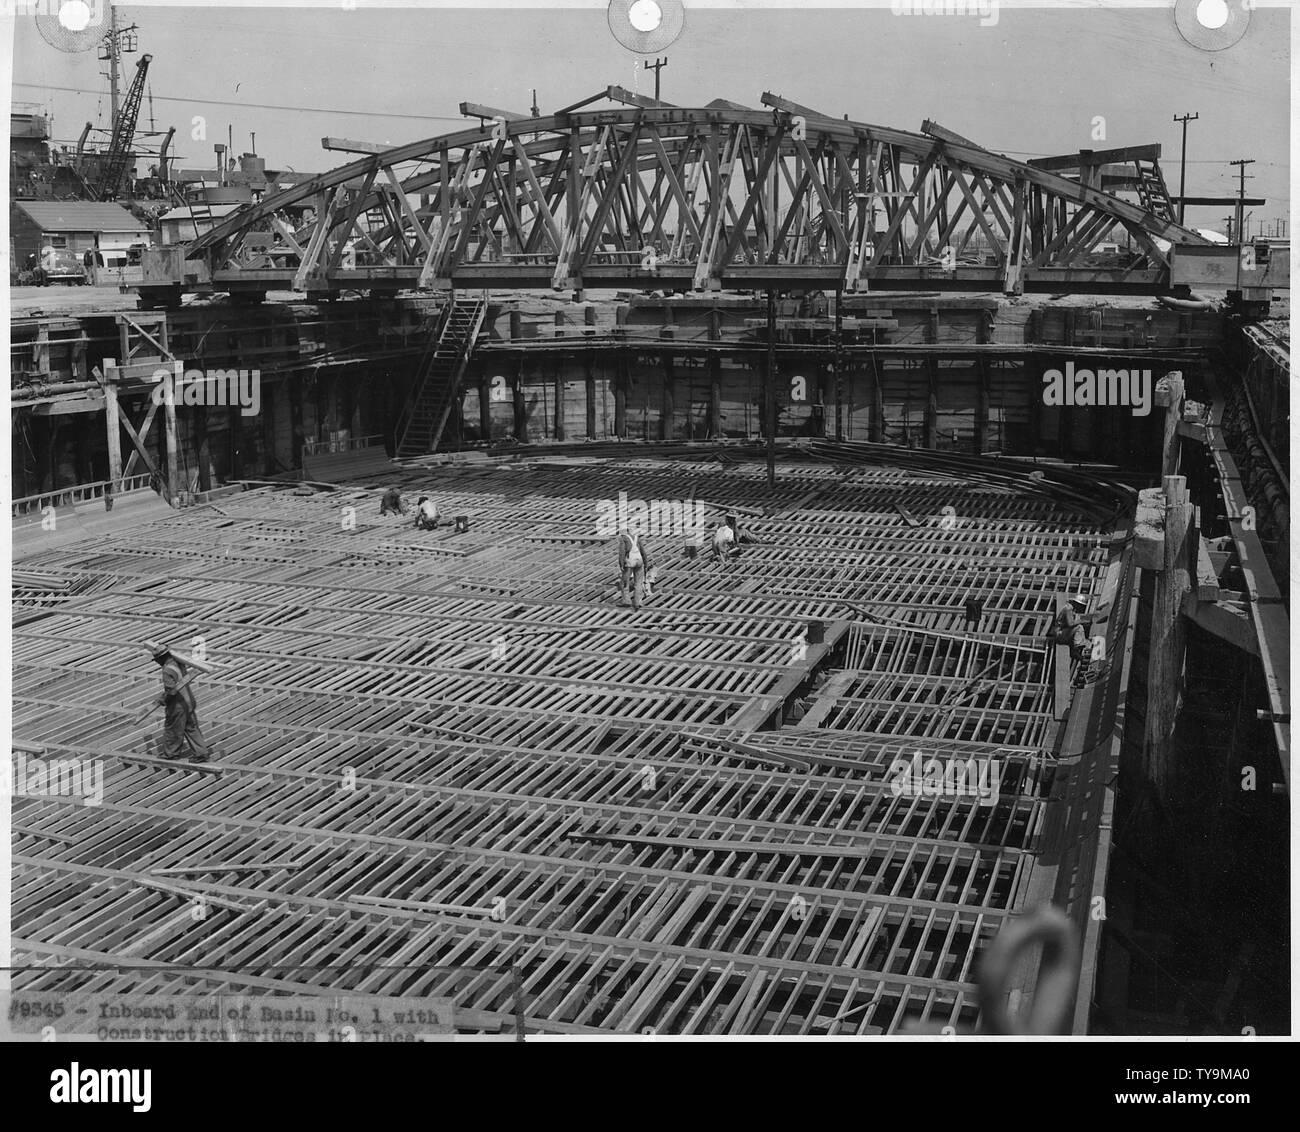 Naval Air Station, San Pedro: 3 maggio 1945 - Il lato più interno del Bacino n. 1 con la costruzione di ponti in luogo Immagini Stock